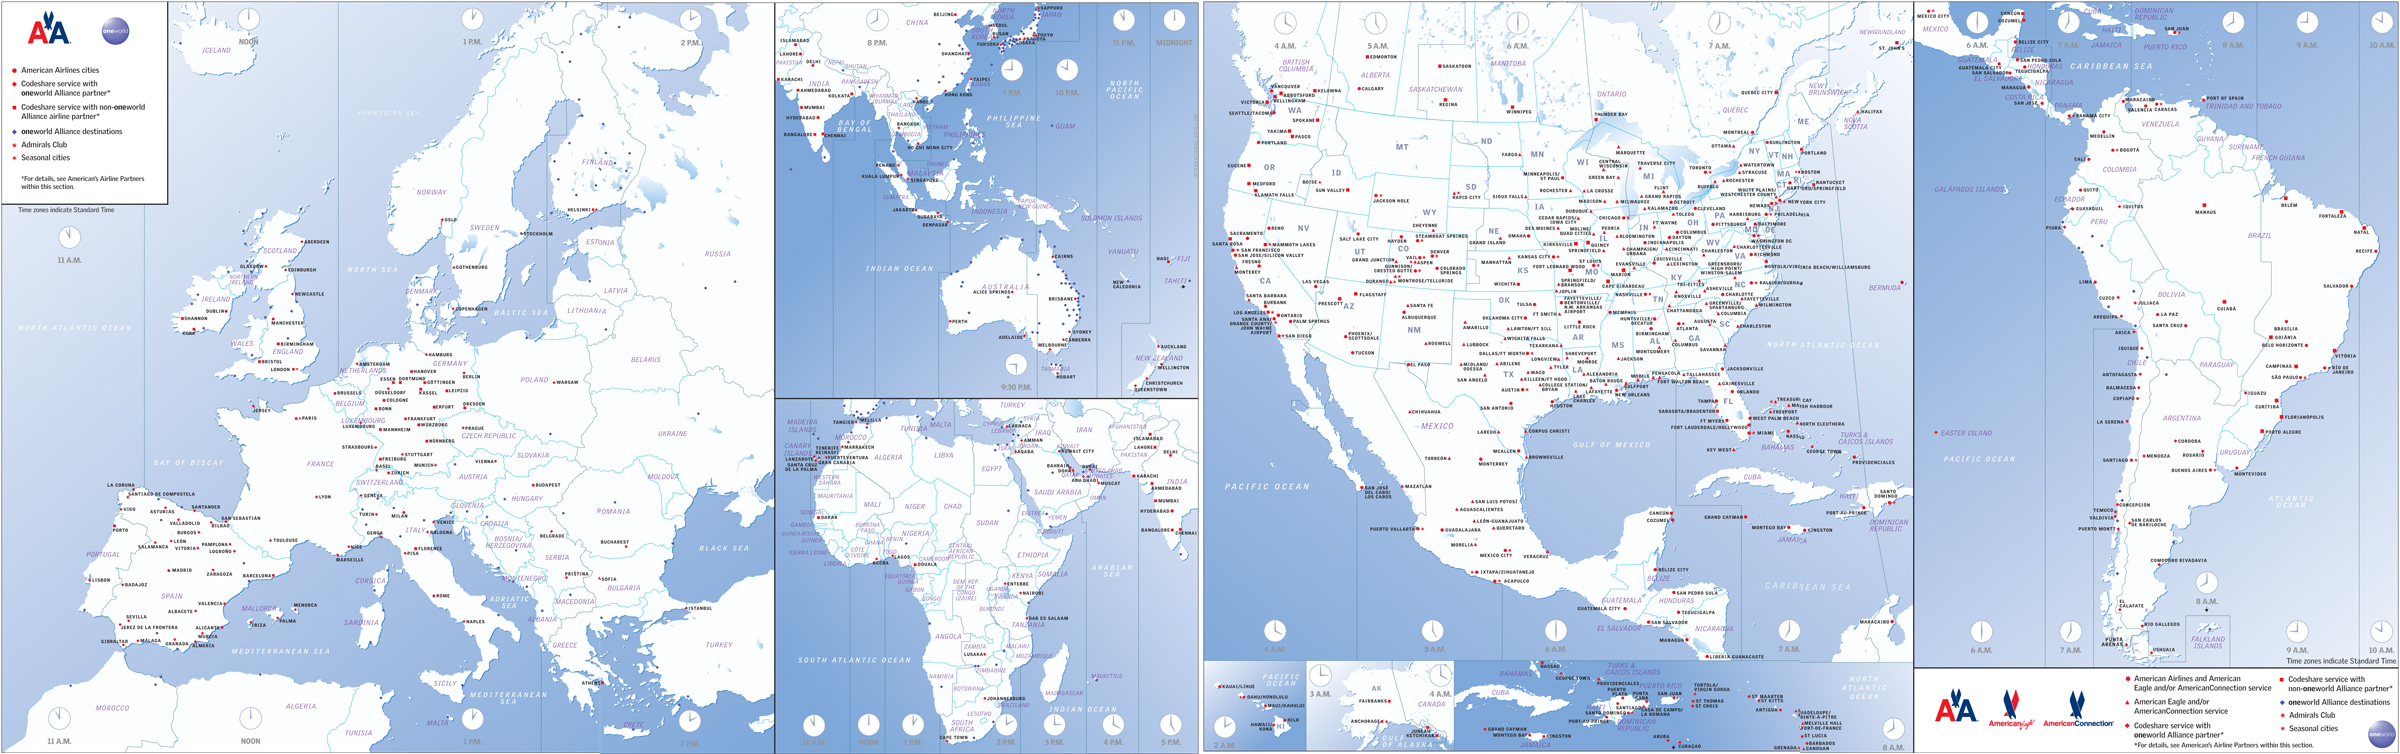 Aa Route Map Uk | czandonwebhomeipnet